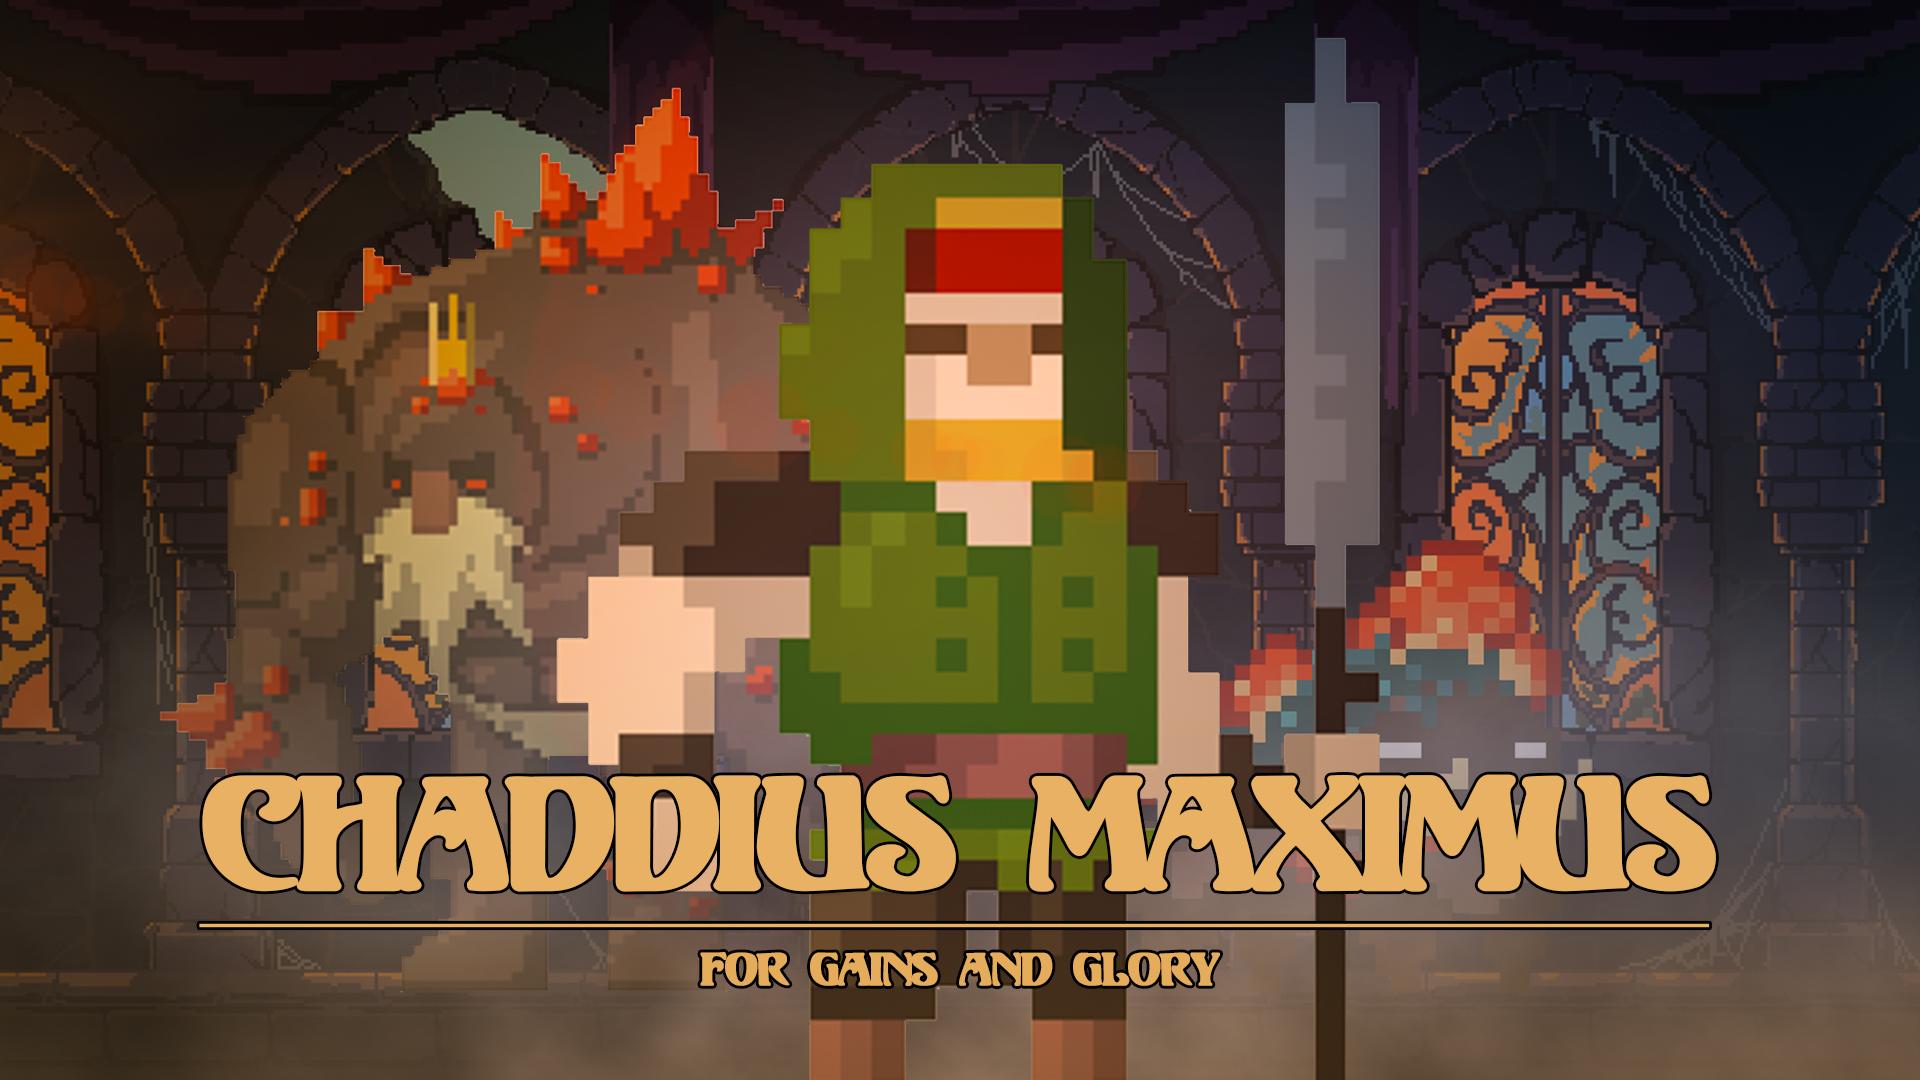 Chaddius Maximus